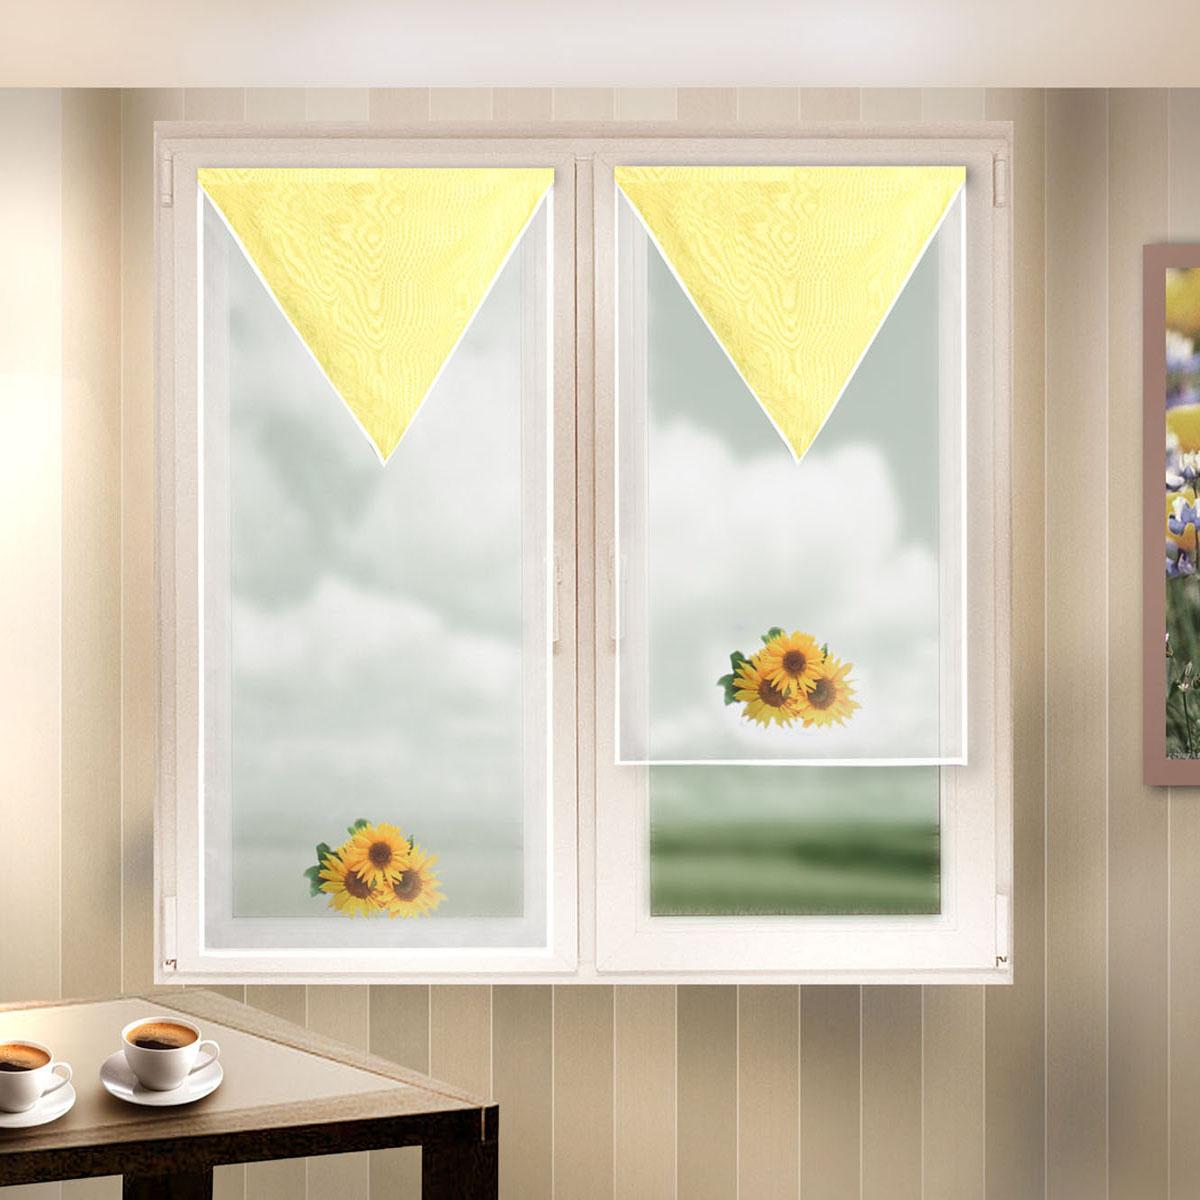 Гардина Zlata Korunka, на липкой ленте, цвет: белый, высота 120 см. 666044-1666044-1Гардина на липкой ленте Zlata Korunka, изготовленная из полиэстера, станет великолепным украшением любого окна. Полотно из белой вуали с печатным рисунком привлечет к себе внимание и органично впишется в интерьер комнаты. Крепление на липкой ленте, не требующее сверления стен и карниза. Многоразовое и мгновенное крепление.